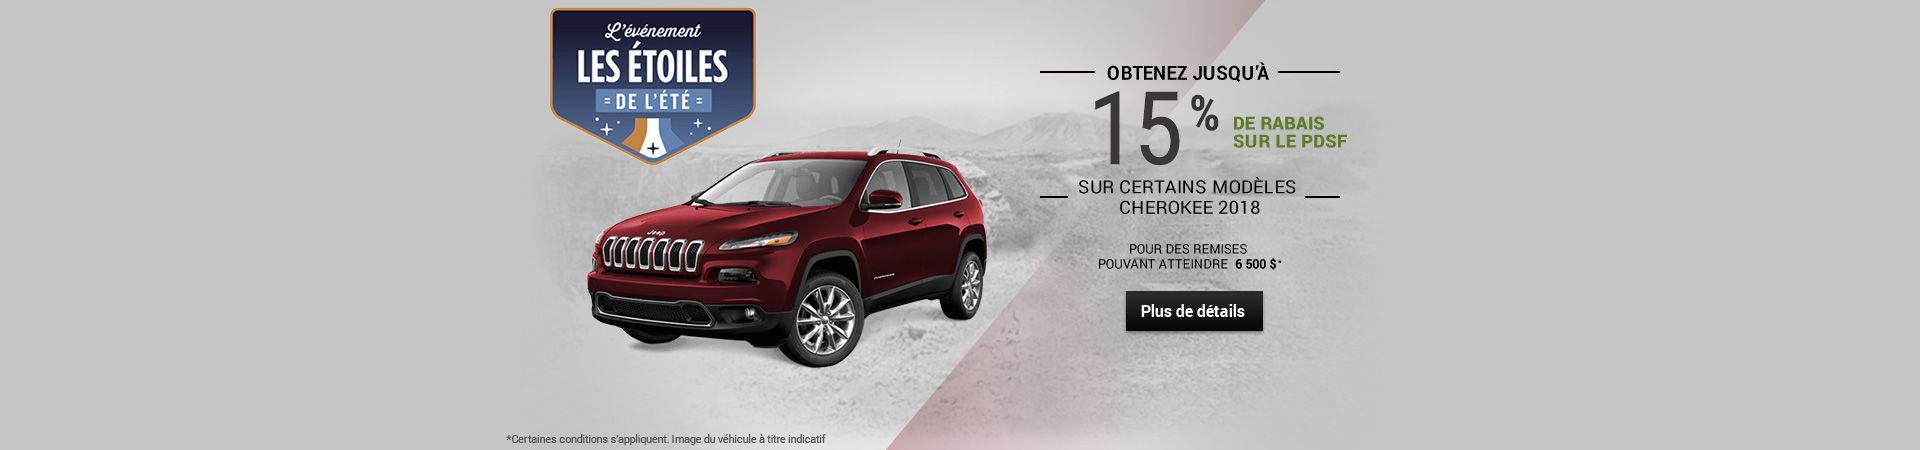 L'événement Les étoiles de l'été - Jeep (Mobile)